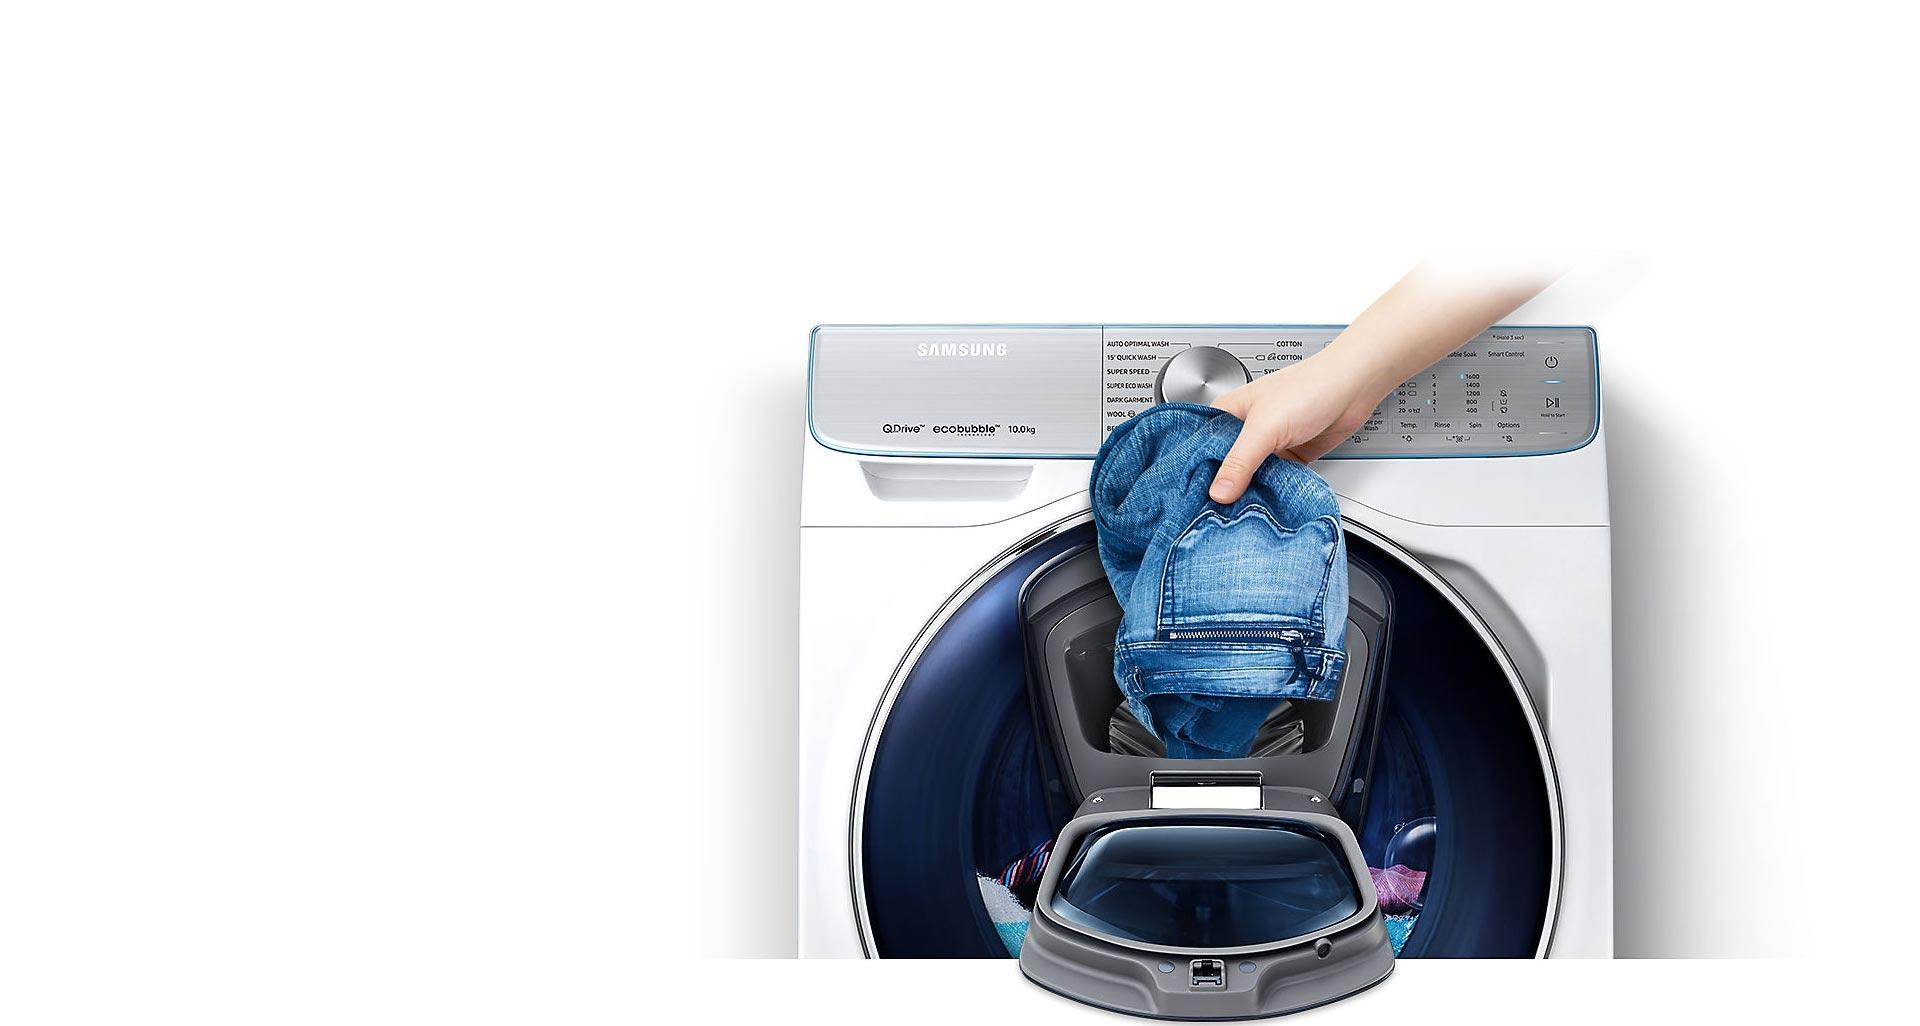 اضافه کردن لباس ها در حین شست و شو با ماشین لباسشویی QuickDrive